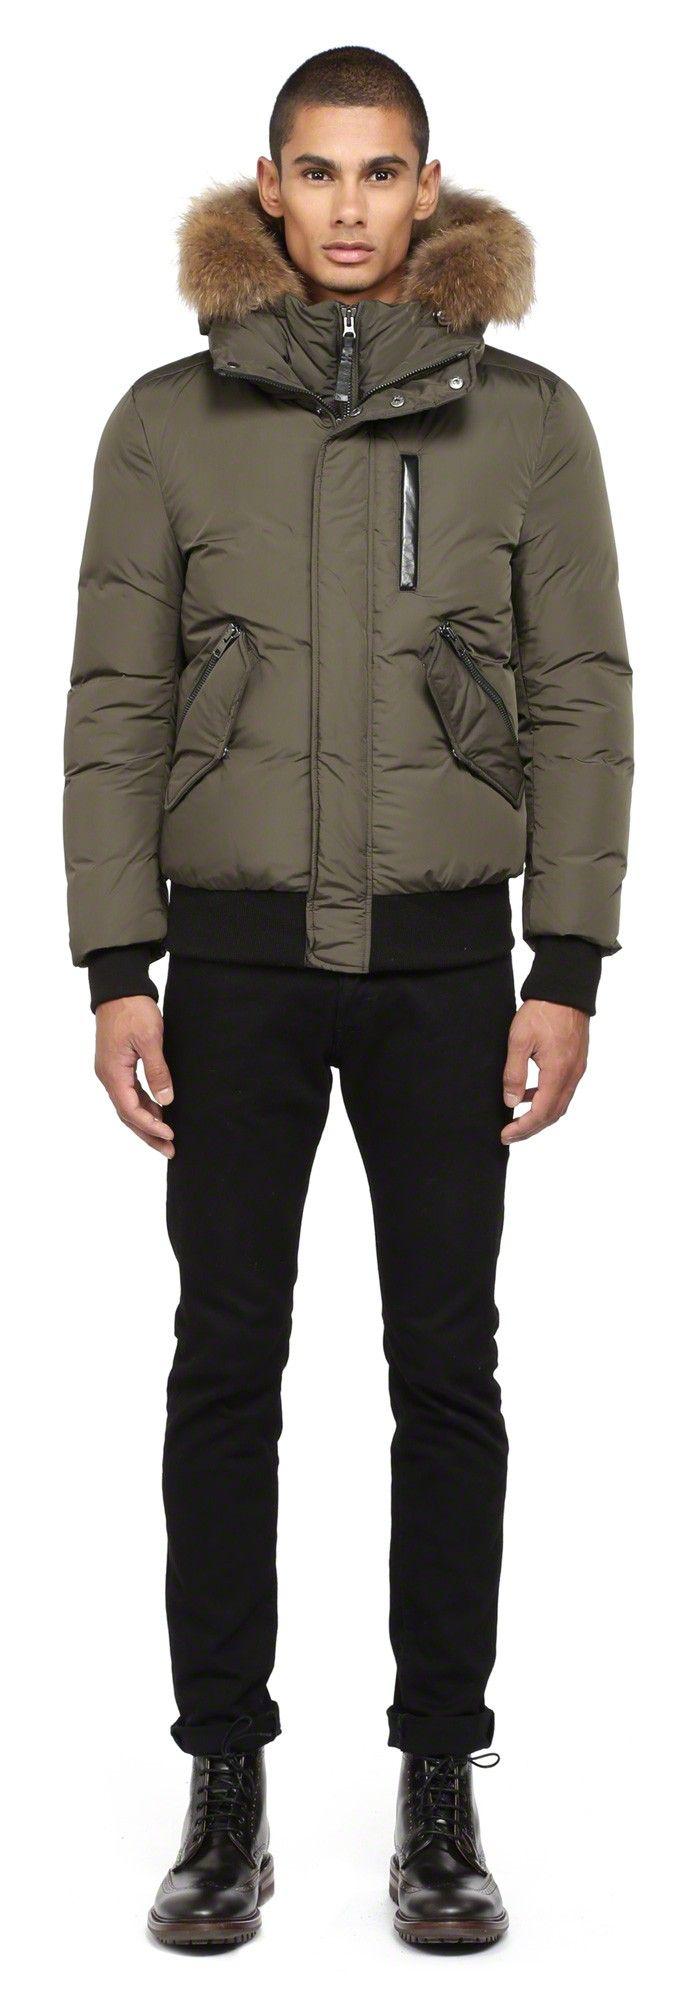 Mackage Harvey F4 Army Down Bomber Jacket For Men With Fur Hood Www Mackage Com Menswear Fw14 Winte Designer Leather Jackets Jackets Winter Jackets Women [ 2000 x 683 Pixel ]